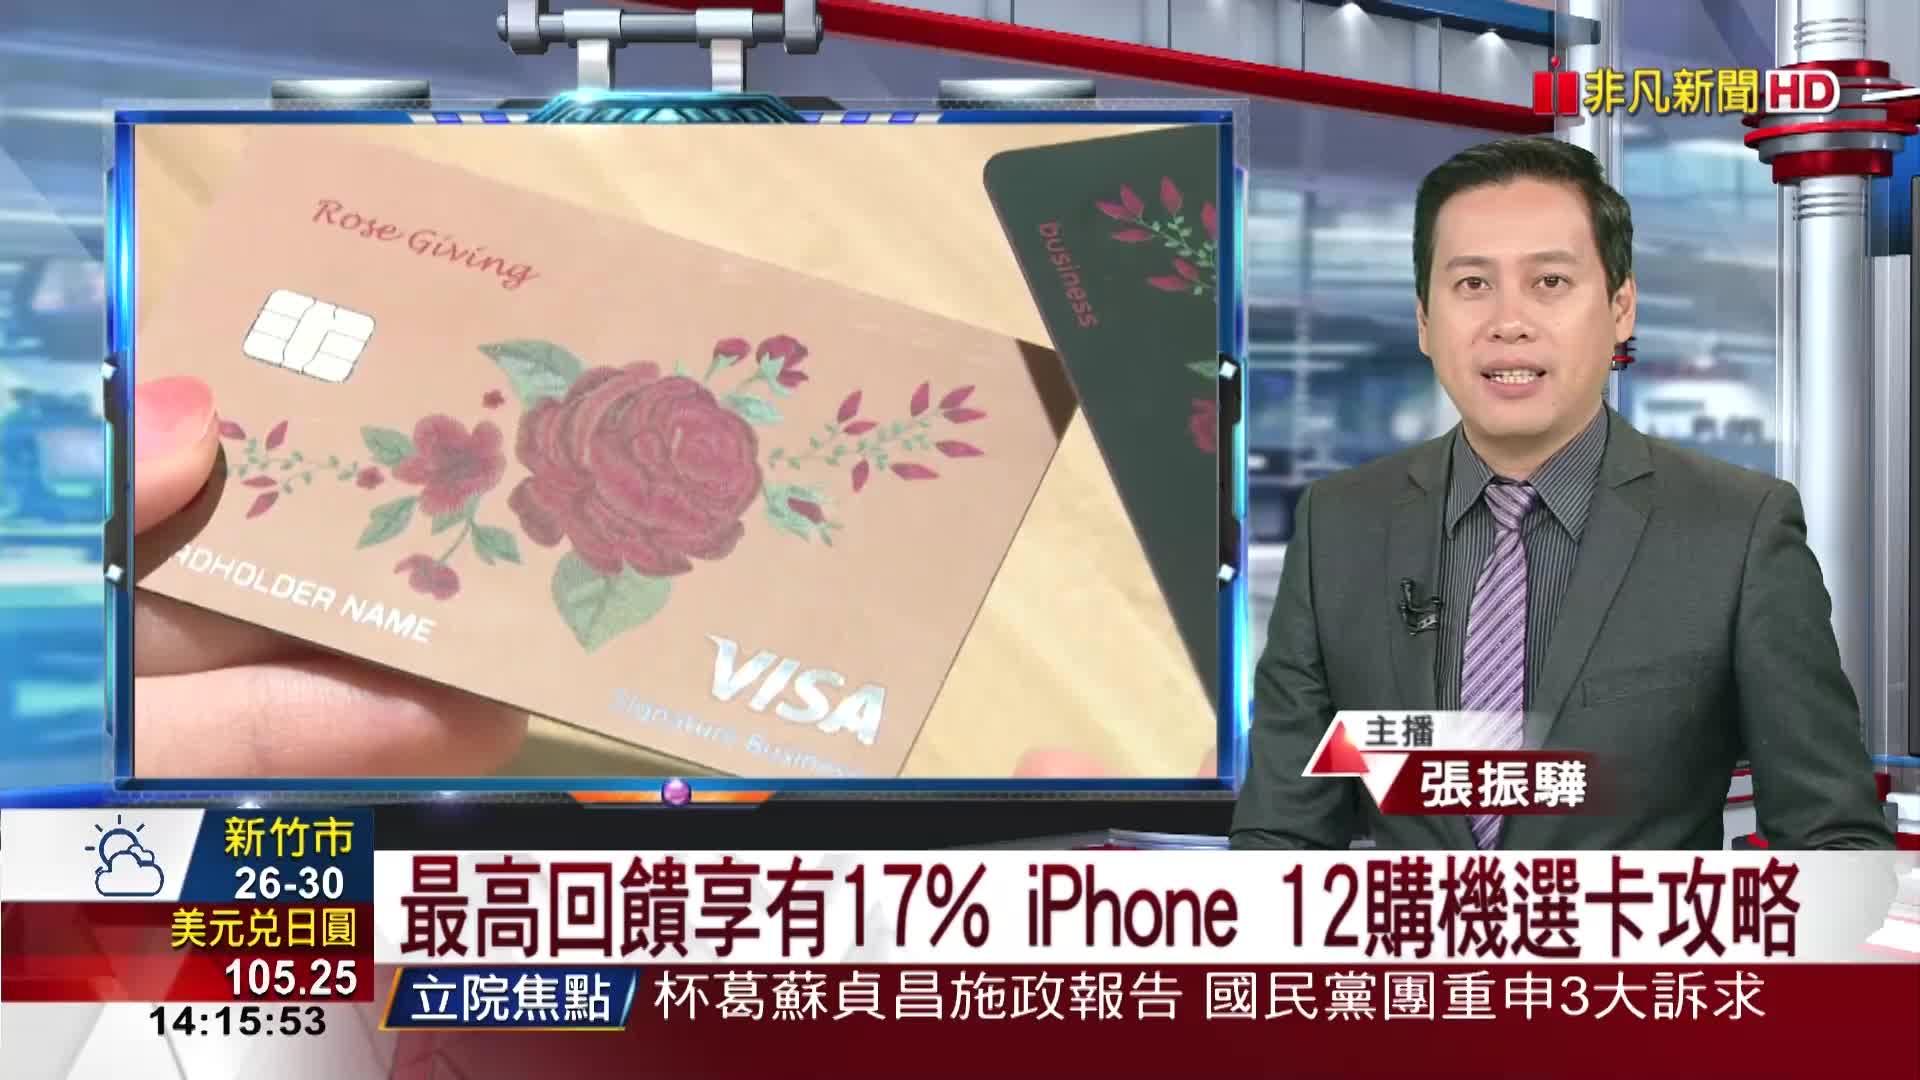 最高回饋享有17% iPhone 12購機選卡攻略